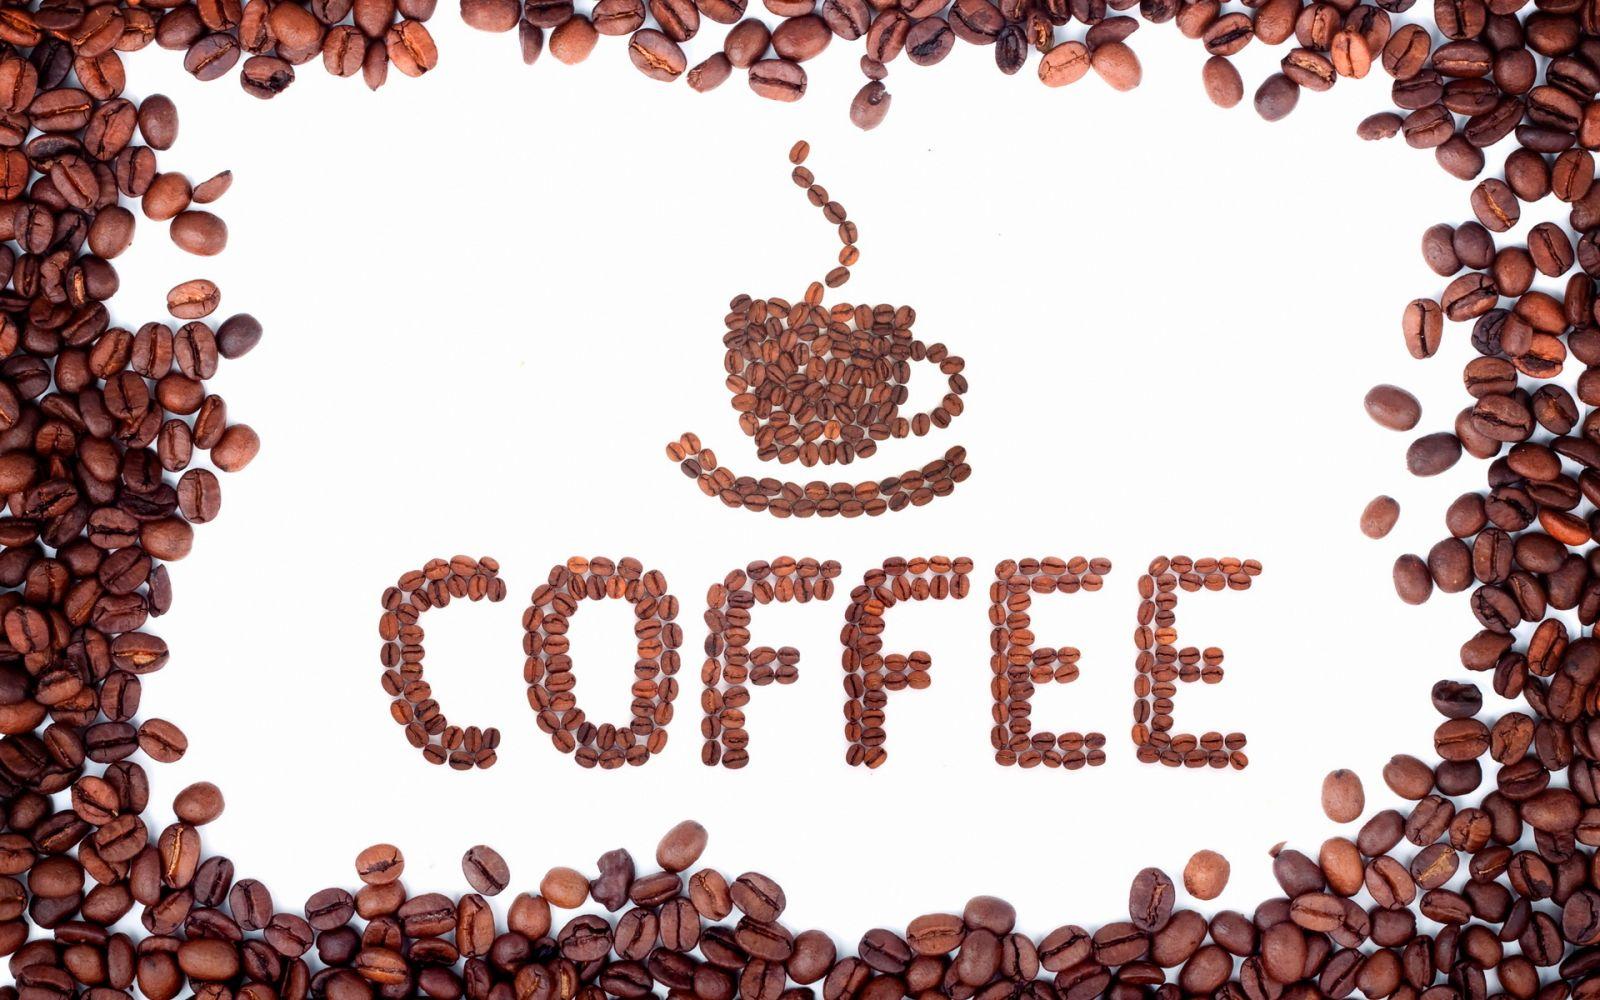 фото зернового кофе для рожковых кофемашин